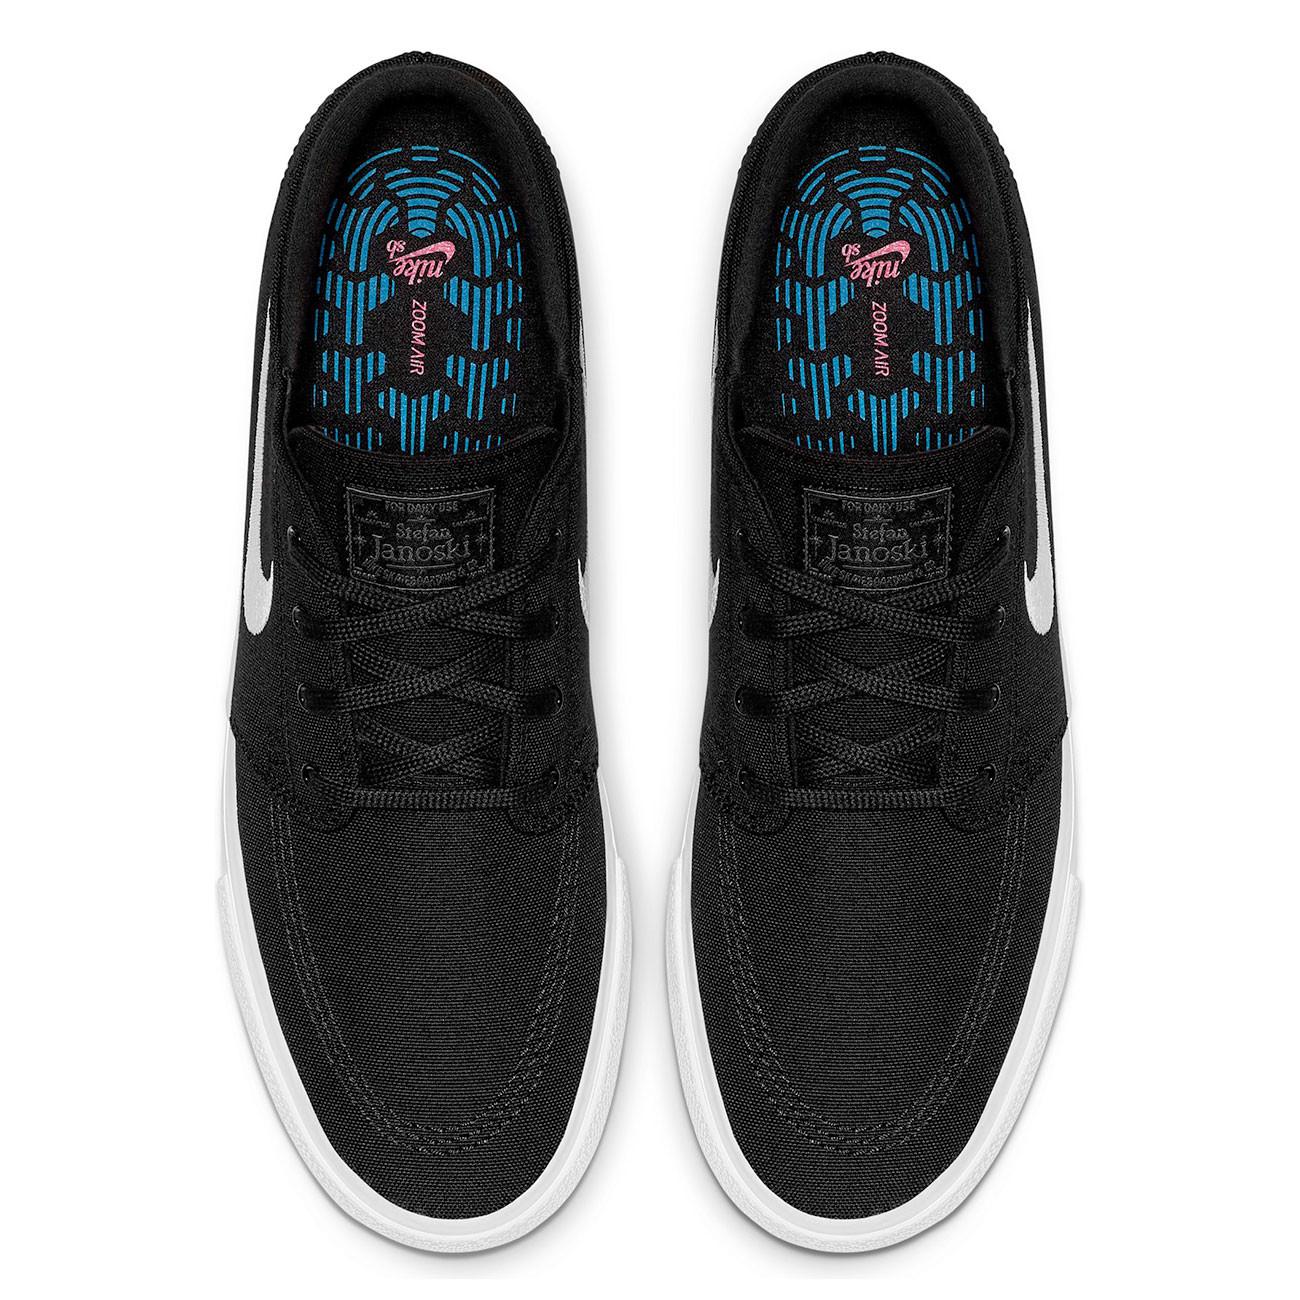 best service 34275 992f3 Sneakers Nike SB Zoom Stefan Janoski Canvas